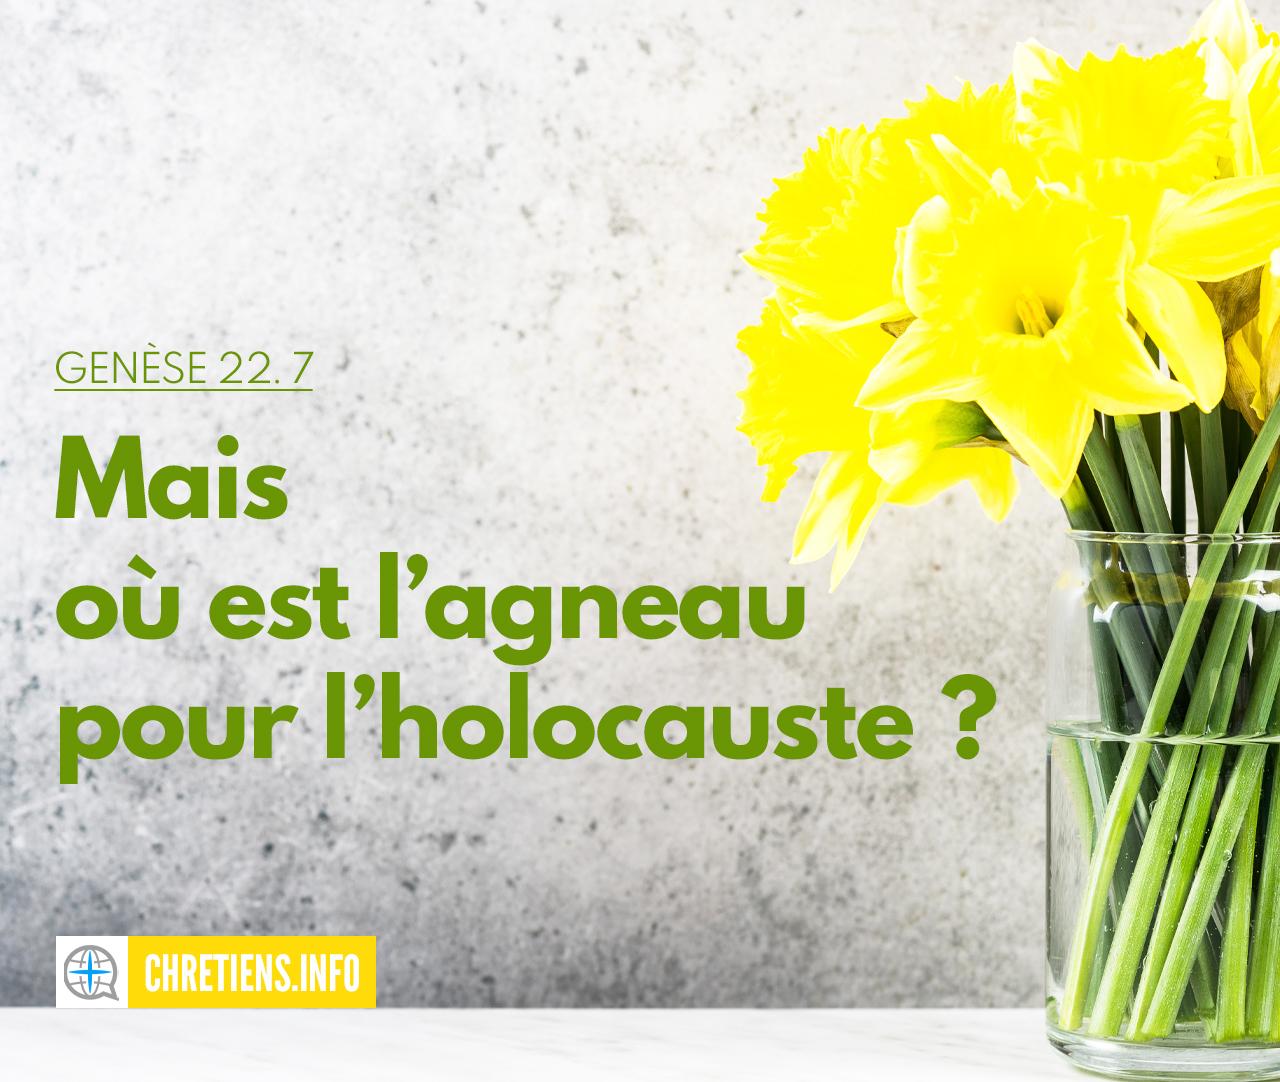 Où est l'agneau pour l'holocauste ? Genèse 22:7